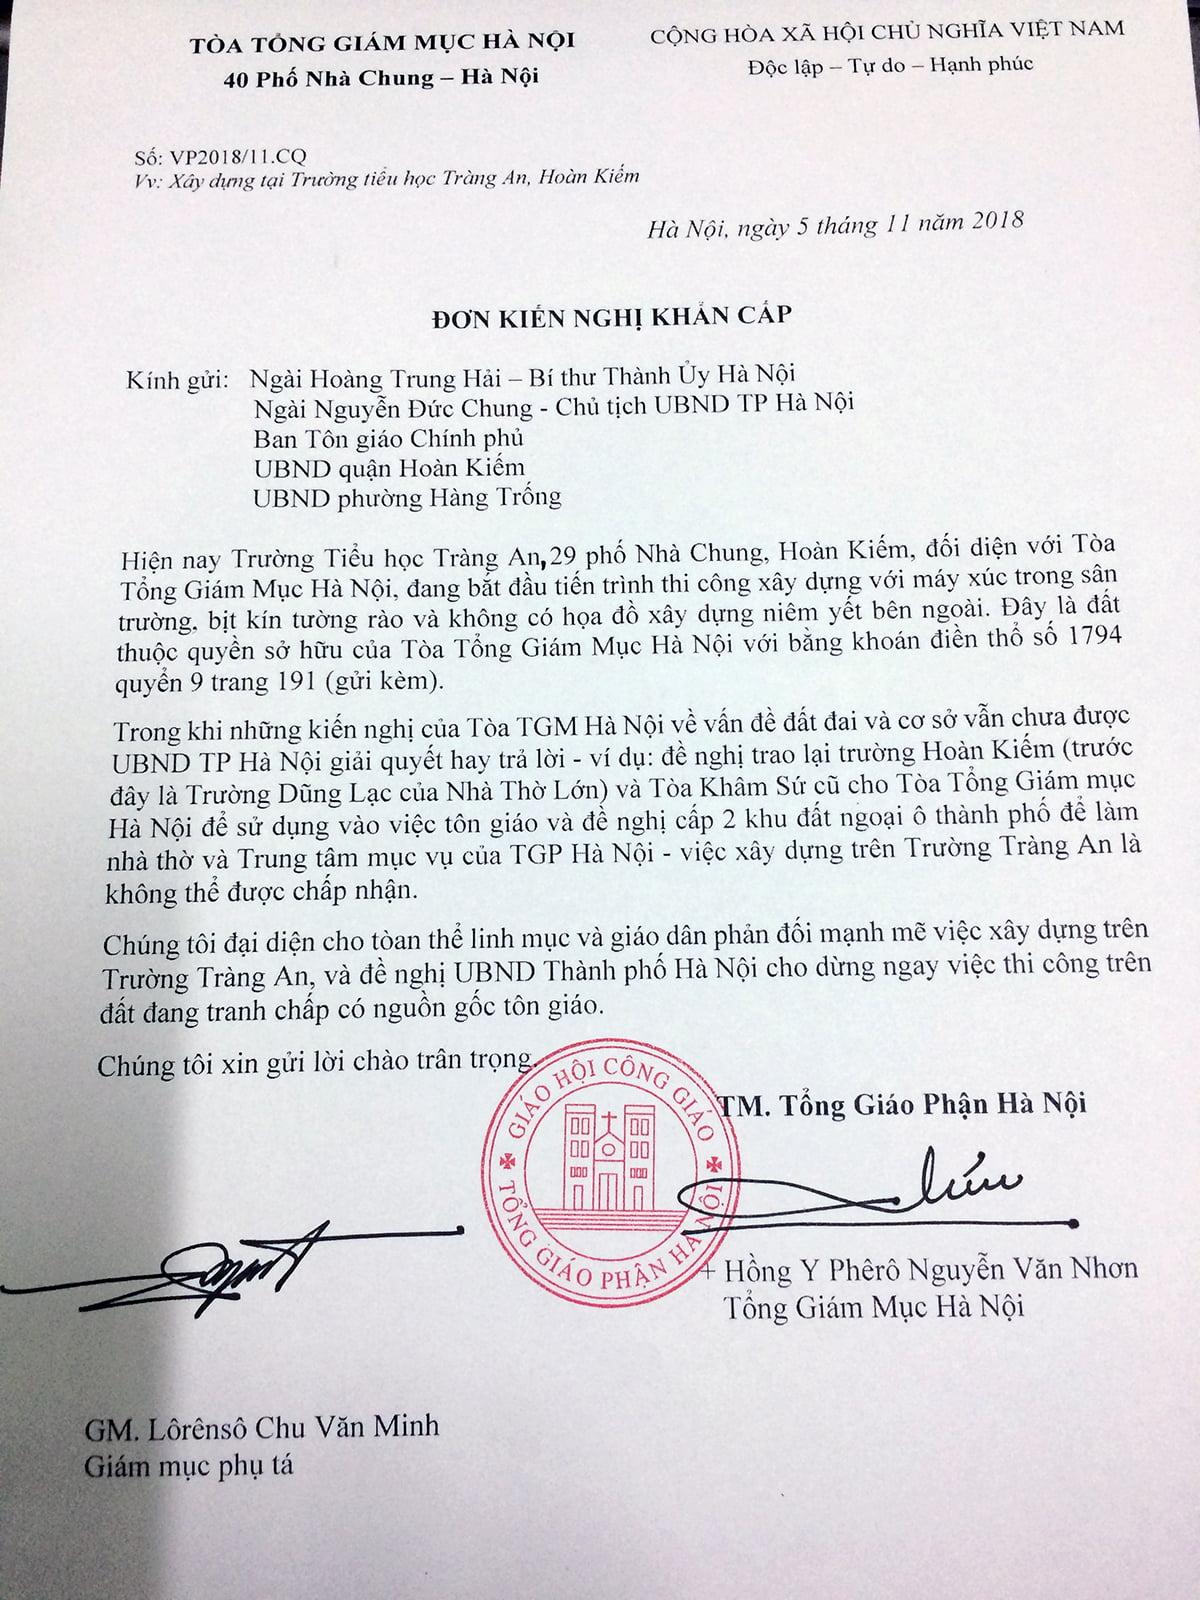 don kien nghi truong trang an - Đơn kiến nghị khẩn cấp về việc xây dựng tại Trường tiểu học Tràng An, Hoàn Kiếm